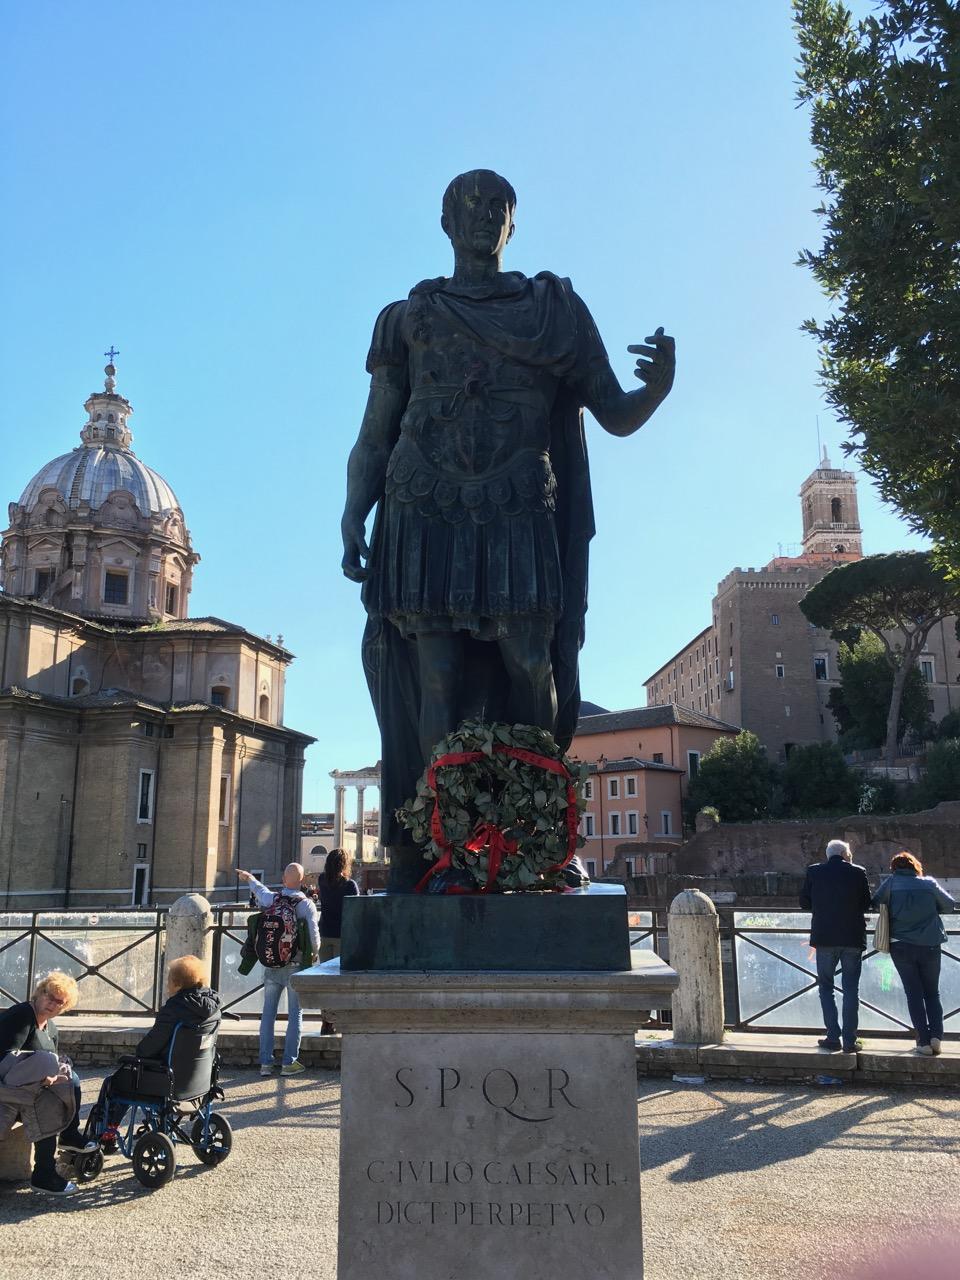 """凯撒大帝,SPQR是拉丁语格言Senatvs Popvlvs Qve Romanvs的缩写,意为""""元老院和罗马 人民"""",这是罗马共和国和罗马帝国的正式名称。C. for Caius or Gaius. IULIUS is Julius, the latin I is J in English. 即使是凯撒,也免不了鸽子屎的羞辱"""